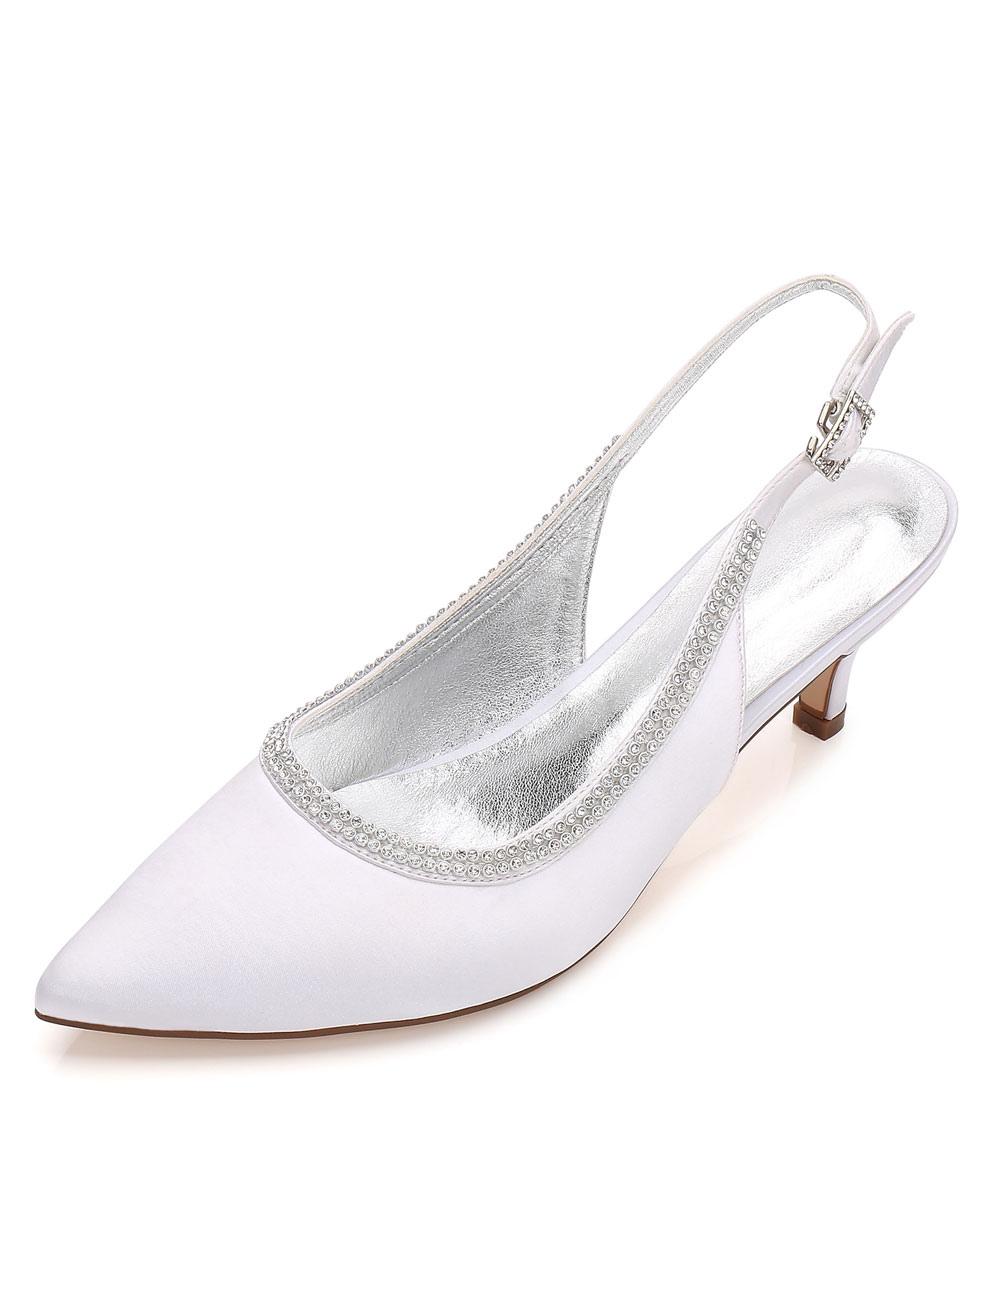 Scarpe da sposa per la festa di matrimonio seta e raso tacco basso e fino  6cm ... 3875dfe10fd